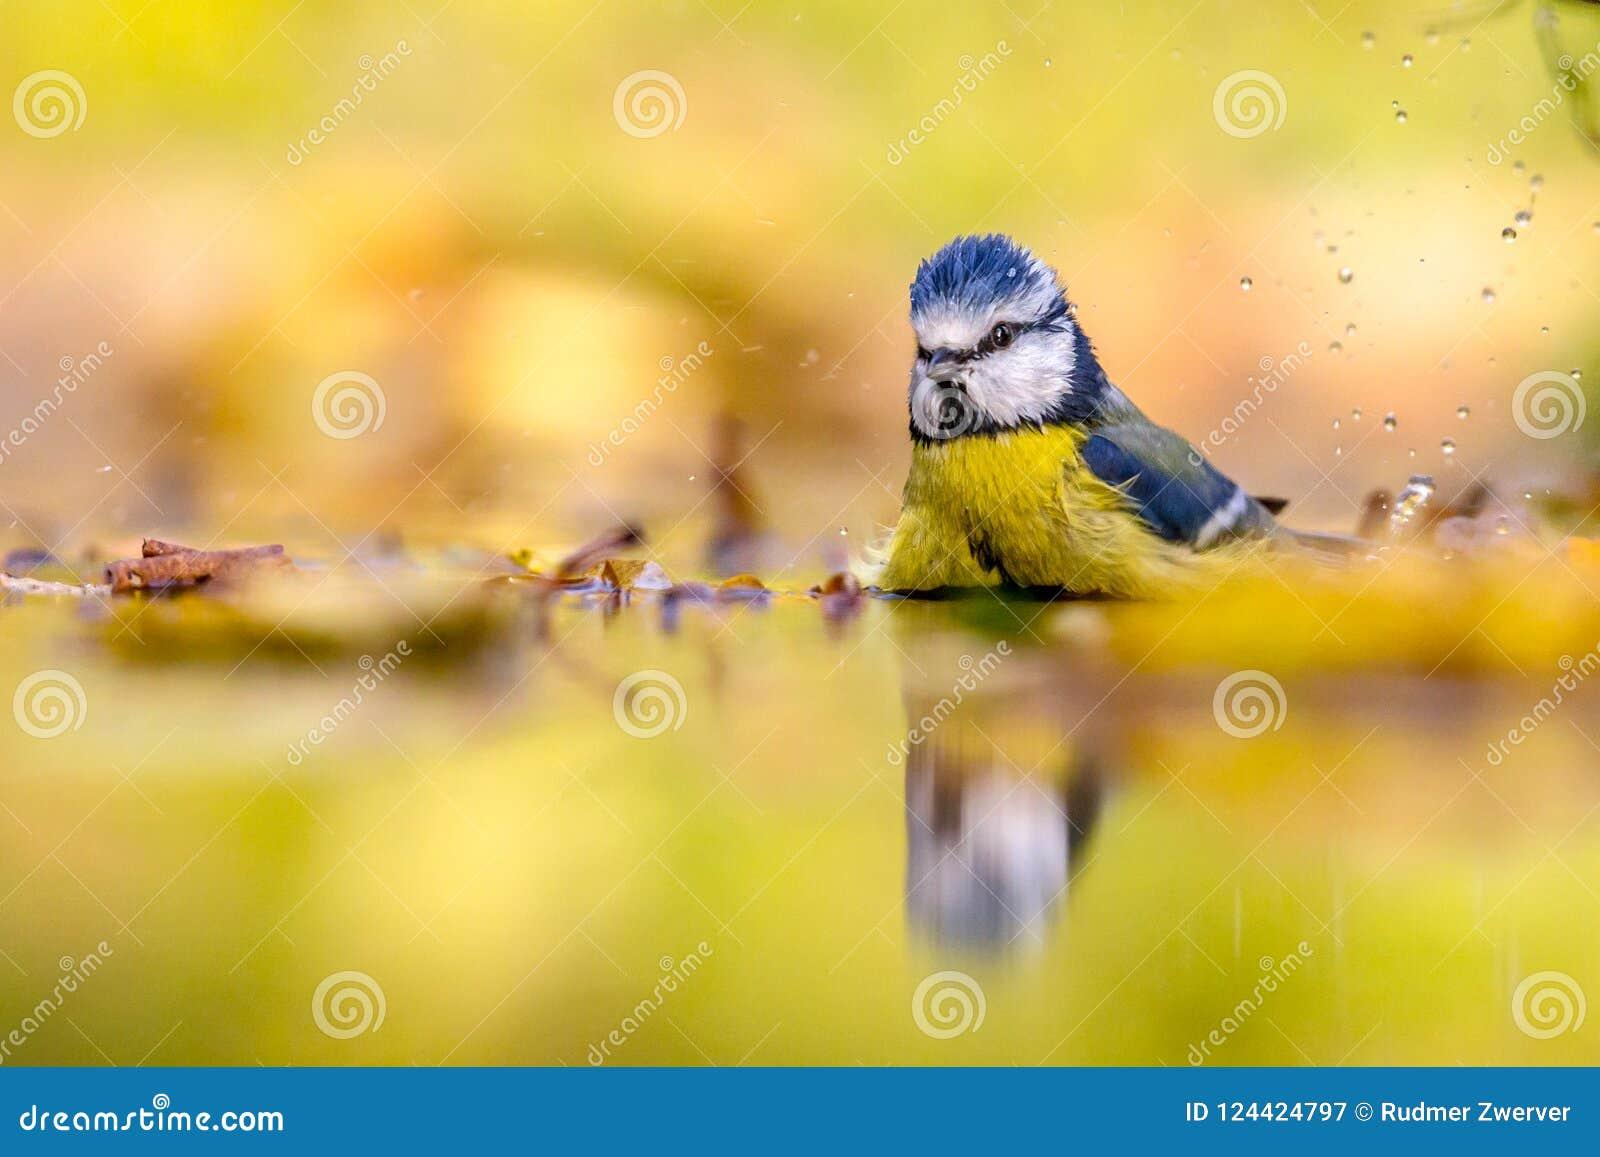 Blauwe mees op de achtergrond van de waterherfst